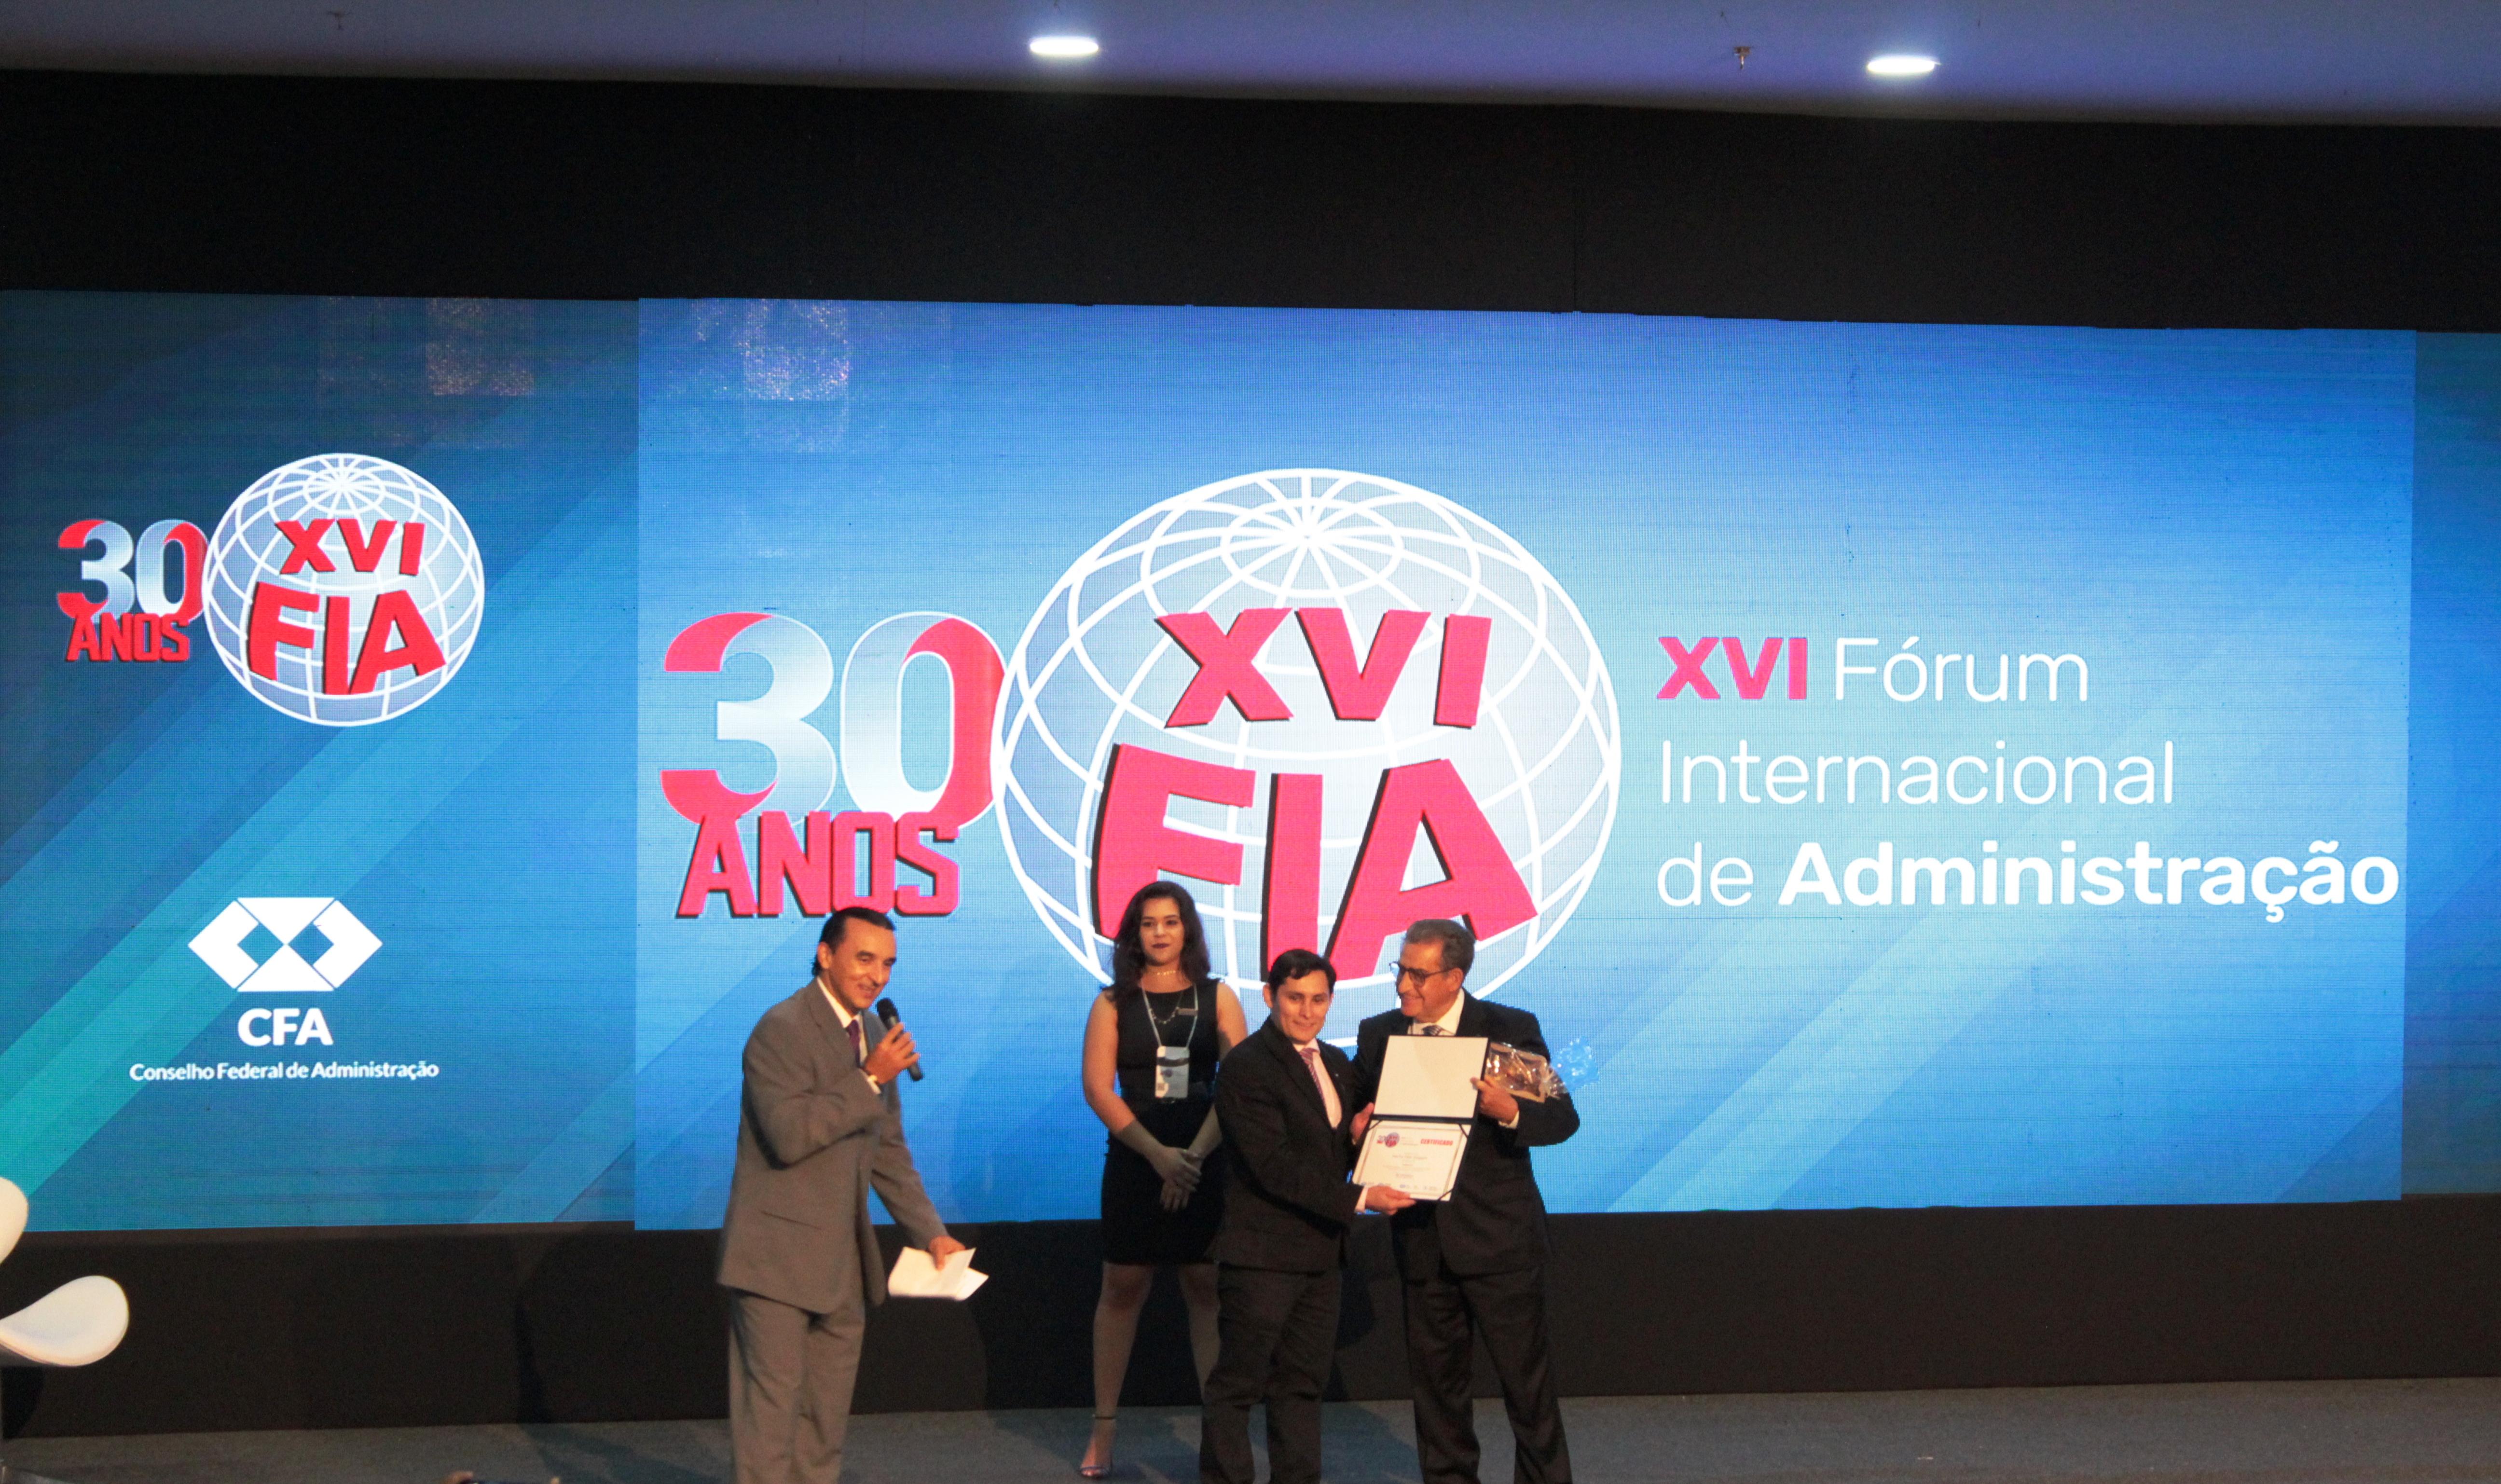 Novo papel do administrador é destaque durante o Fórum Internacional de Administração